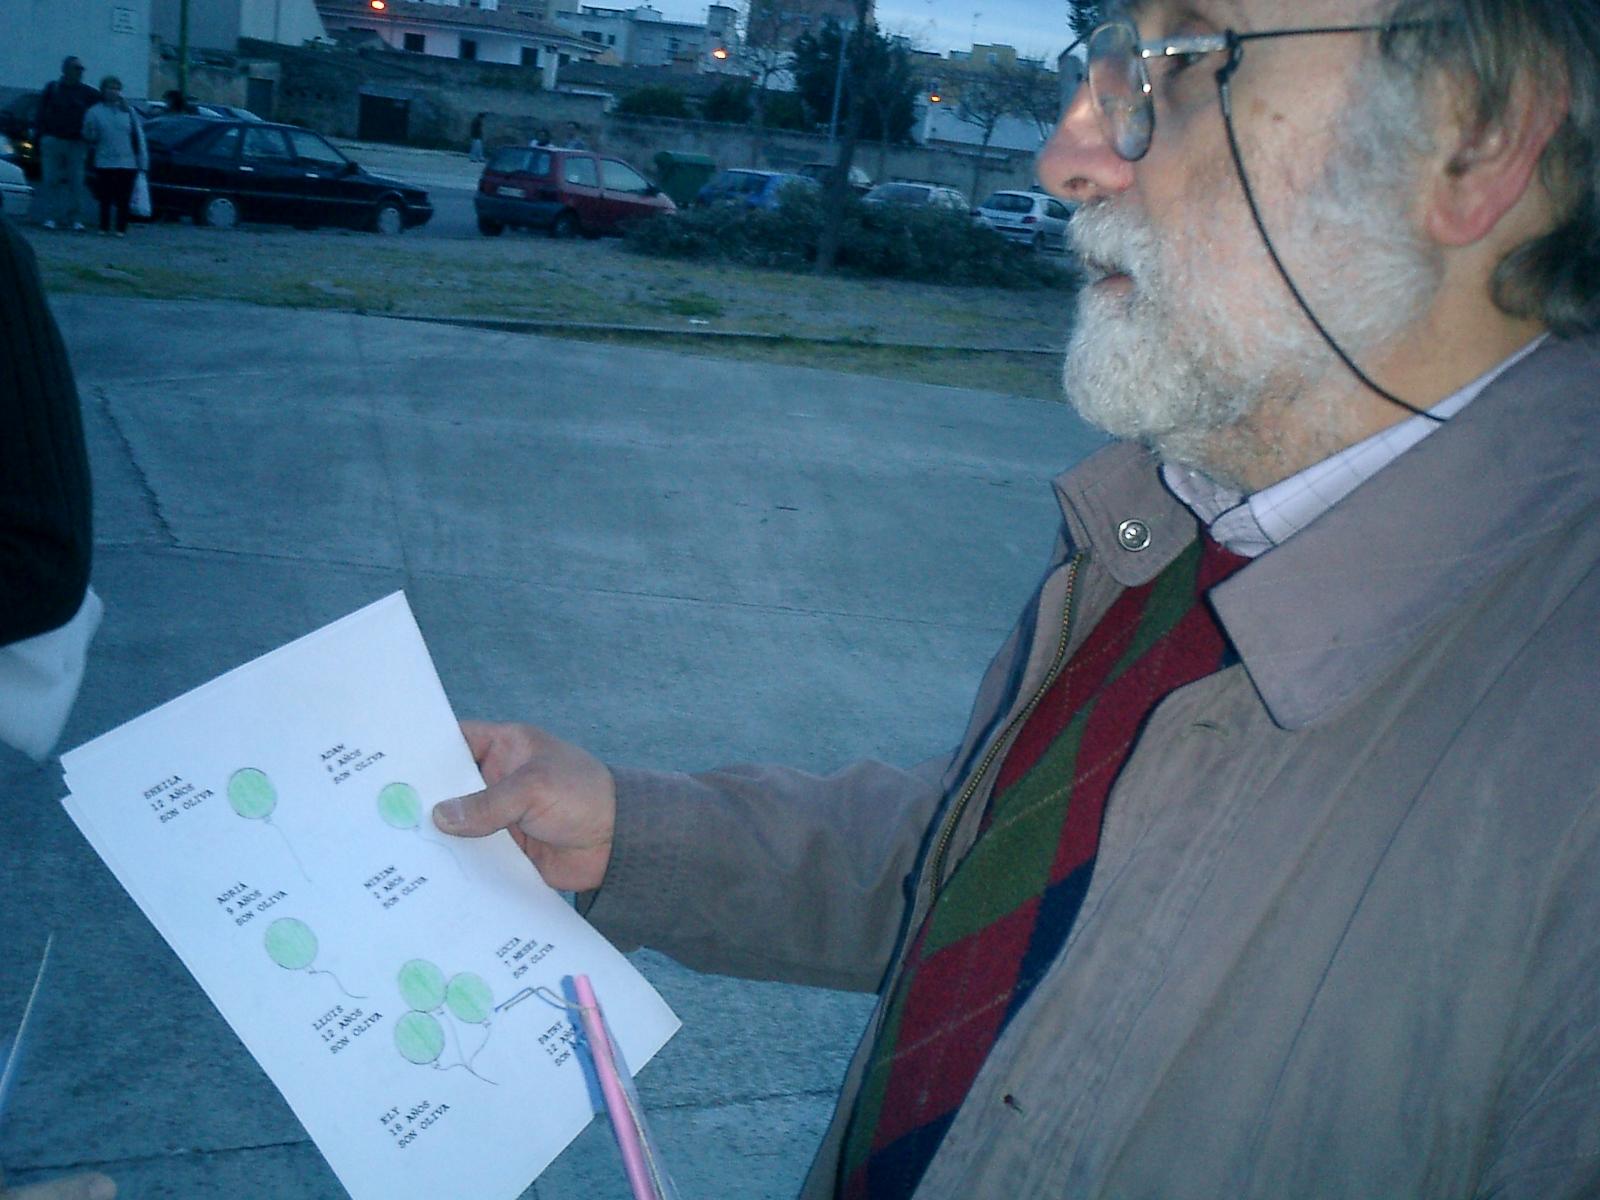 ciutat parc de les vies 2005 c (1).JPG,  bytes